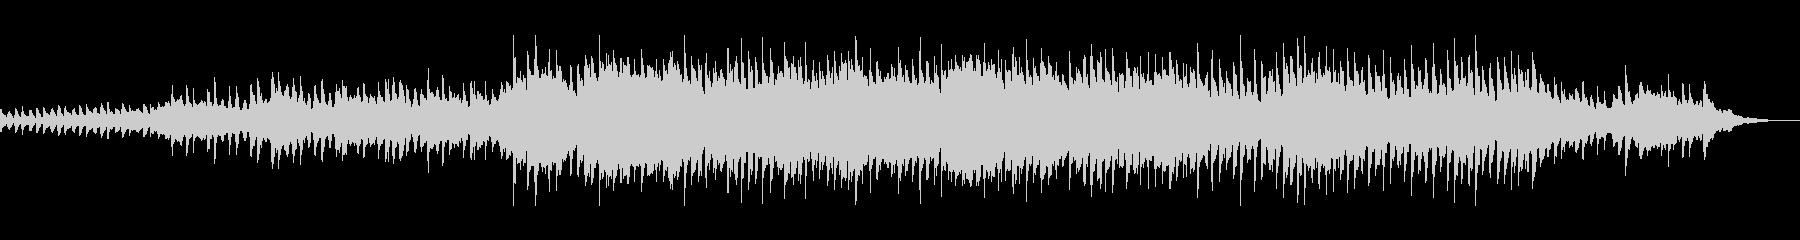 マリンバとピアノの穏やかで壮大なBGMの未再生の波形